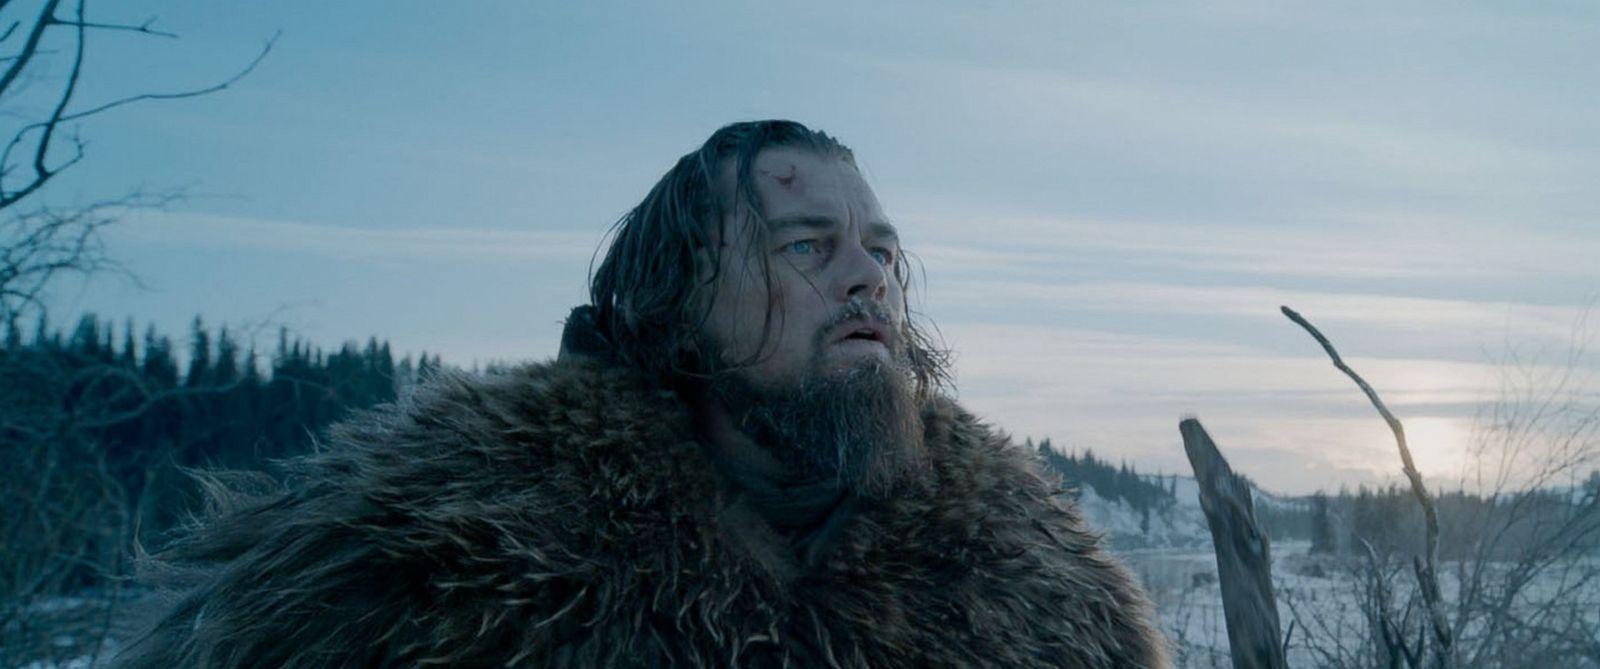 PHOTO: Leonardo Dicaprio in The Revenant.